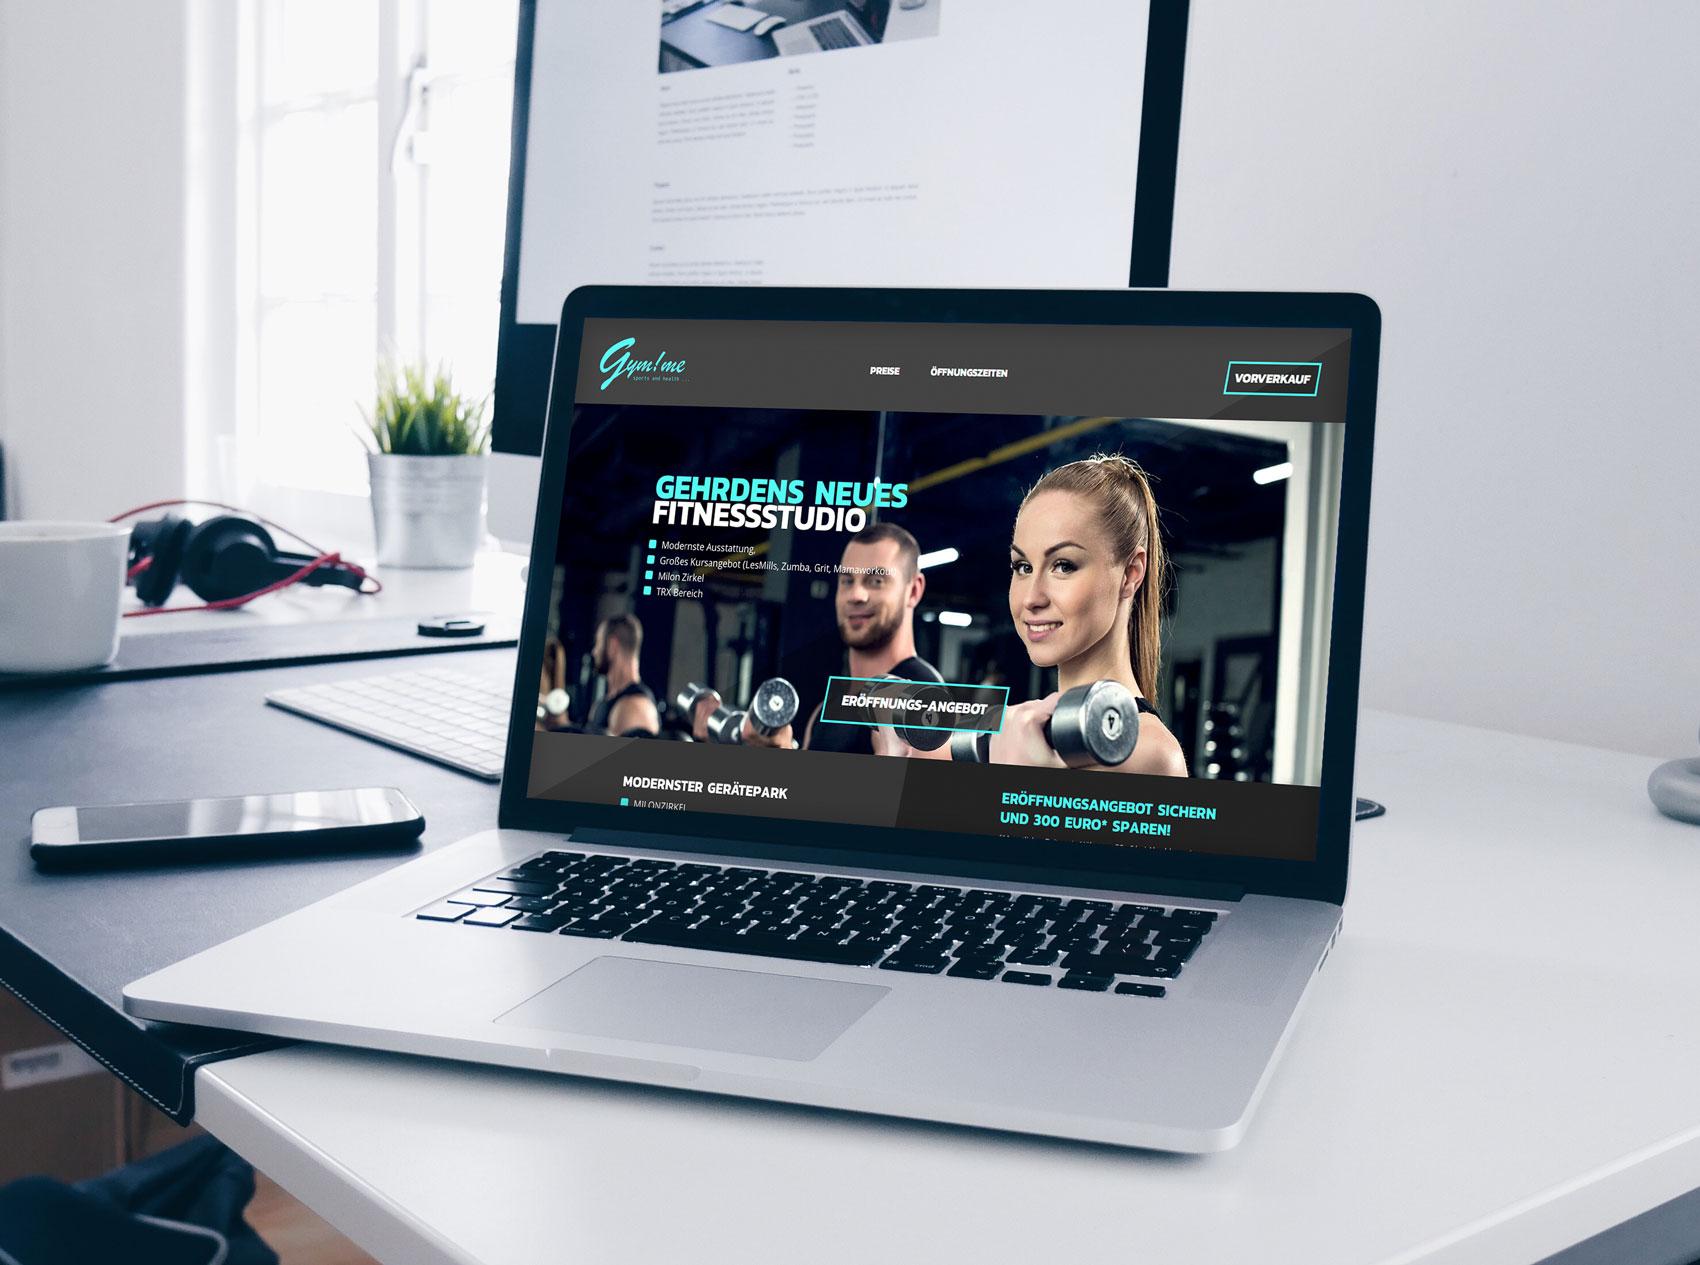 Webdesign für ein Fitnessstudio in Gehrden bei Hannover